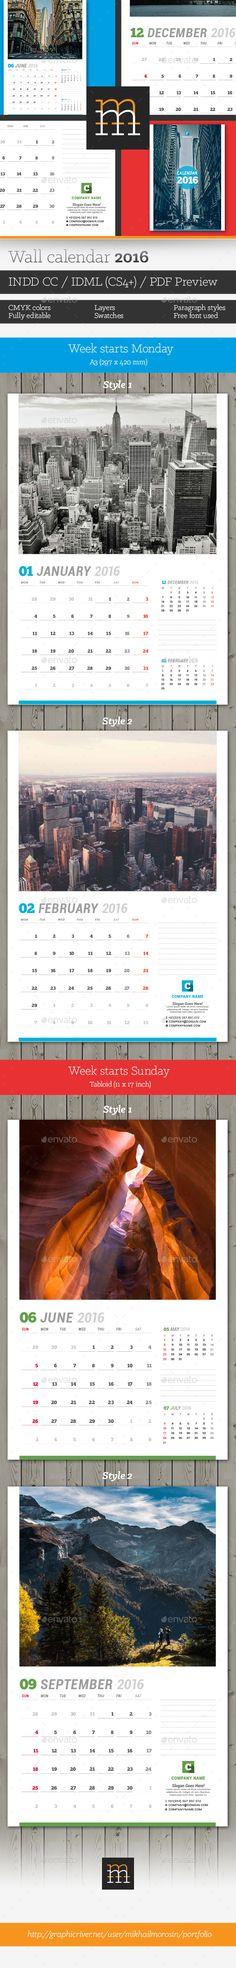 Wall Calendar 2019 | Calendar 2018, Template and Calendar design